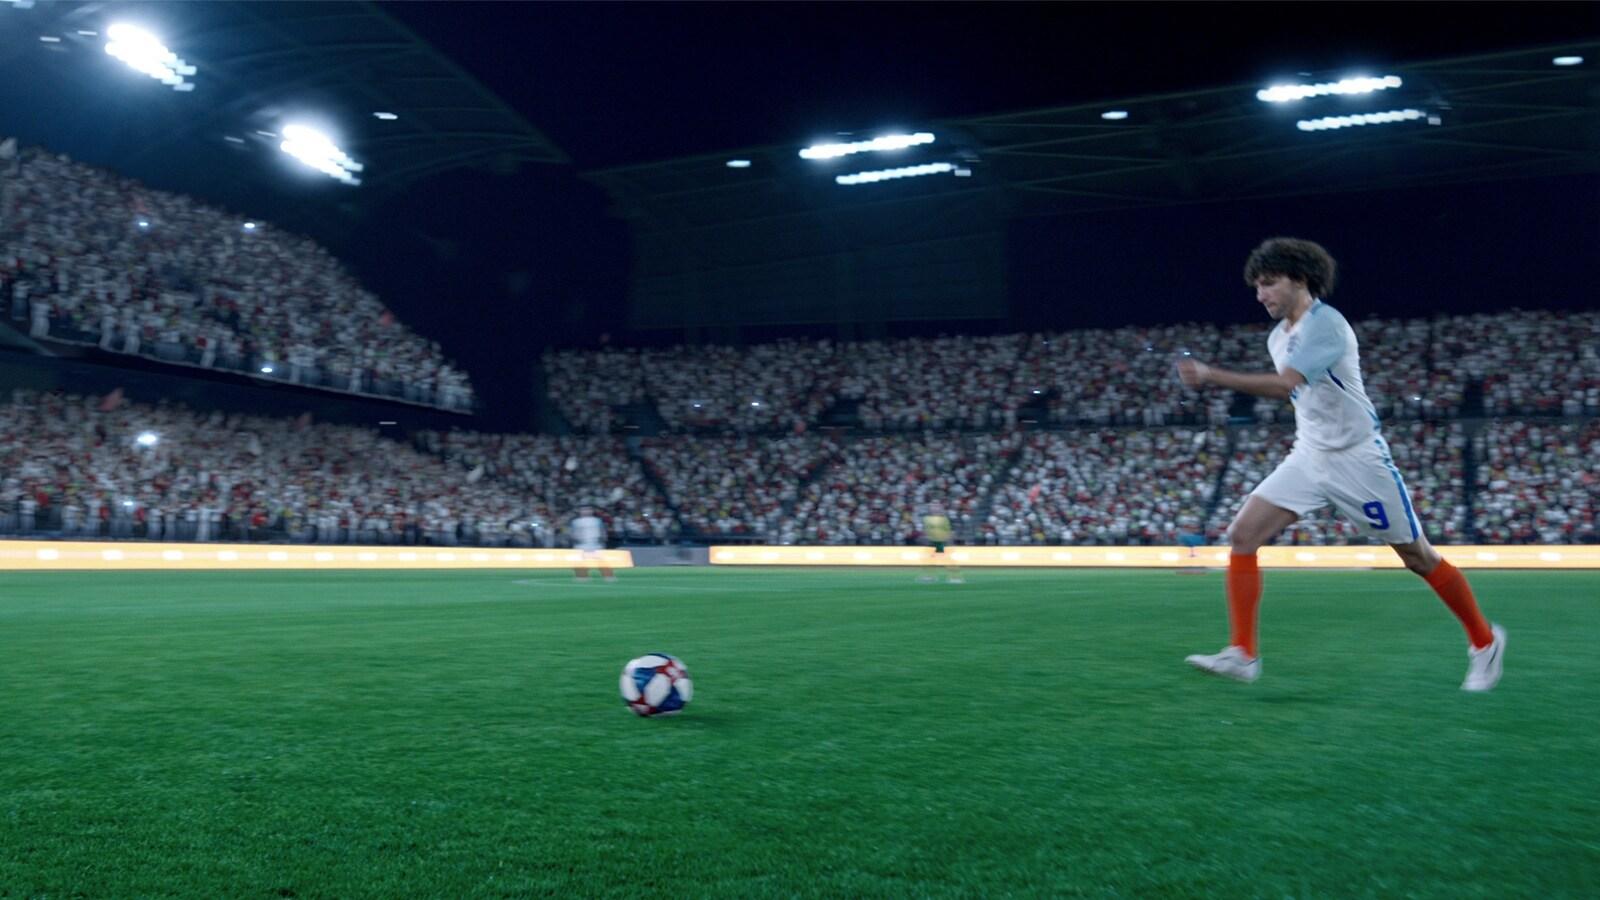 Un hombre adopta el papel de un jugador de futbol y está sentado en el sofá viendo un partido de fútbol. Durante el partido, llegan sus amigos y lo ven juntos. Y se visualiza el eslogan Sé la estrella, Enciende tu partido.